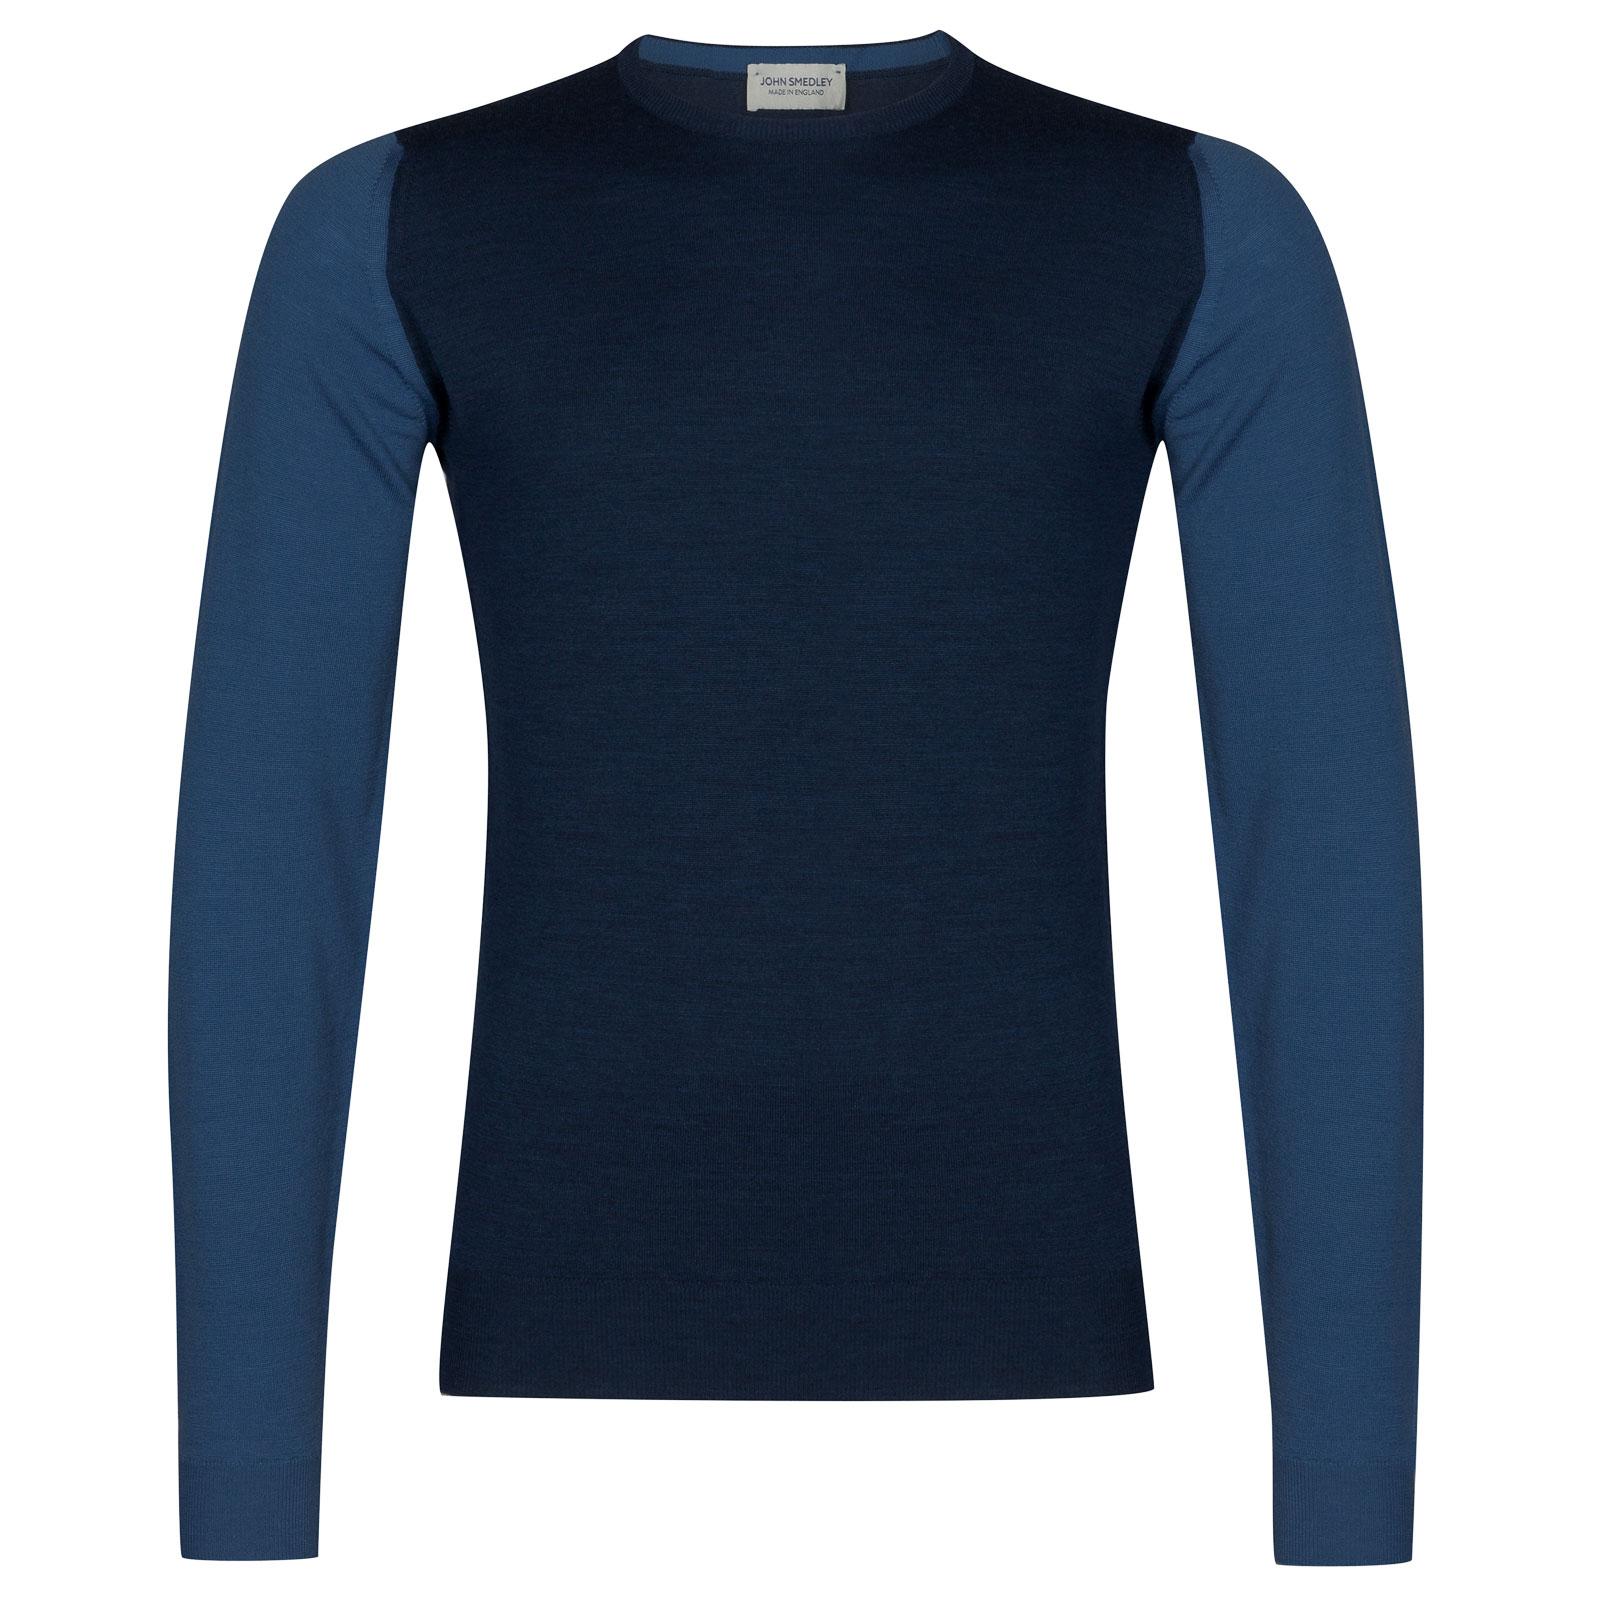 John Smedley hindlow Merino Wool Pullover in Indigo/Derwent Blue-L